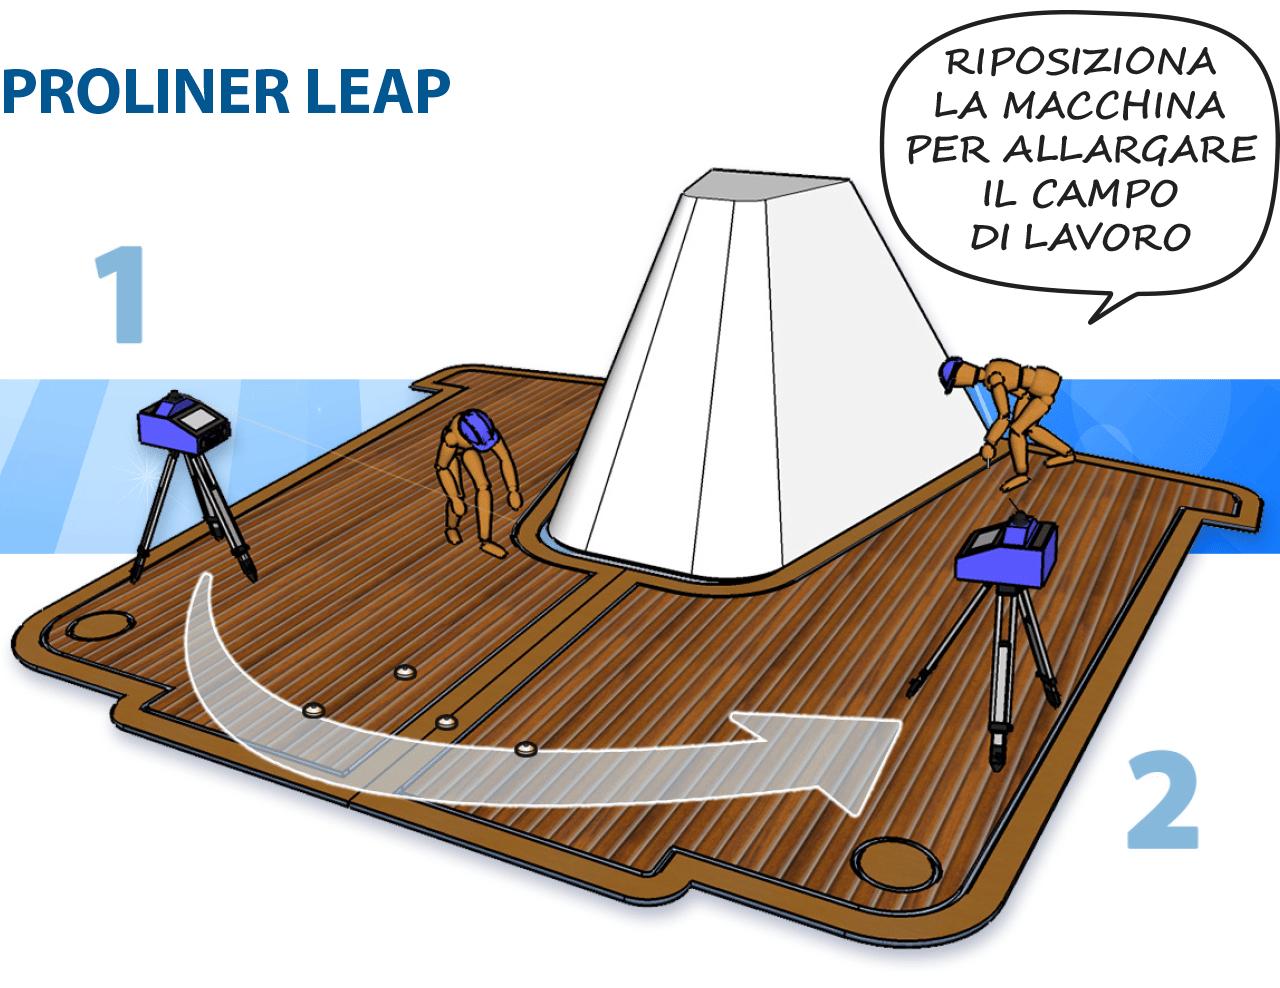 Prodim Proliner Leap - Riposiziona la macchina per allargare il campo di lavoro